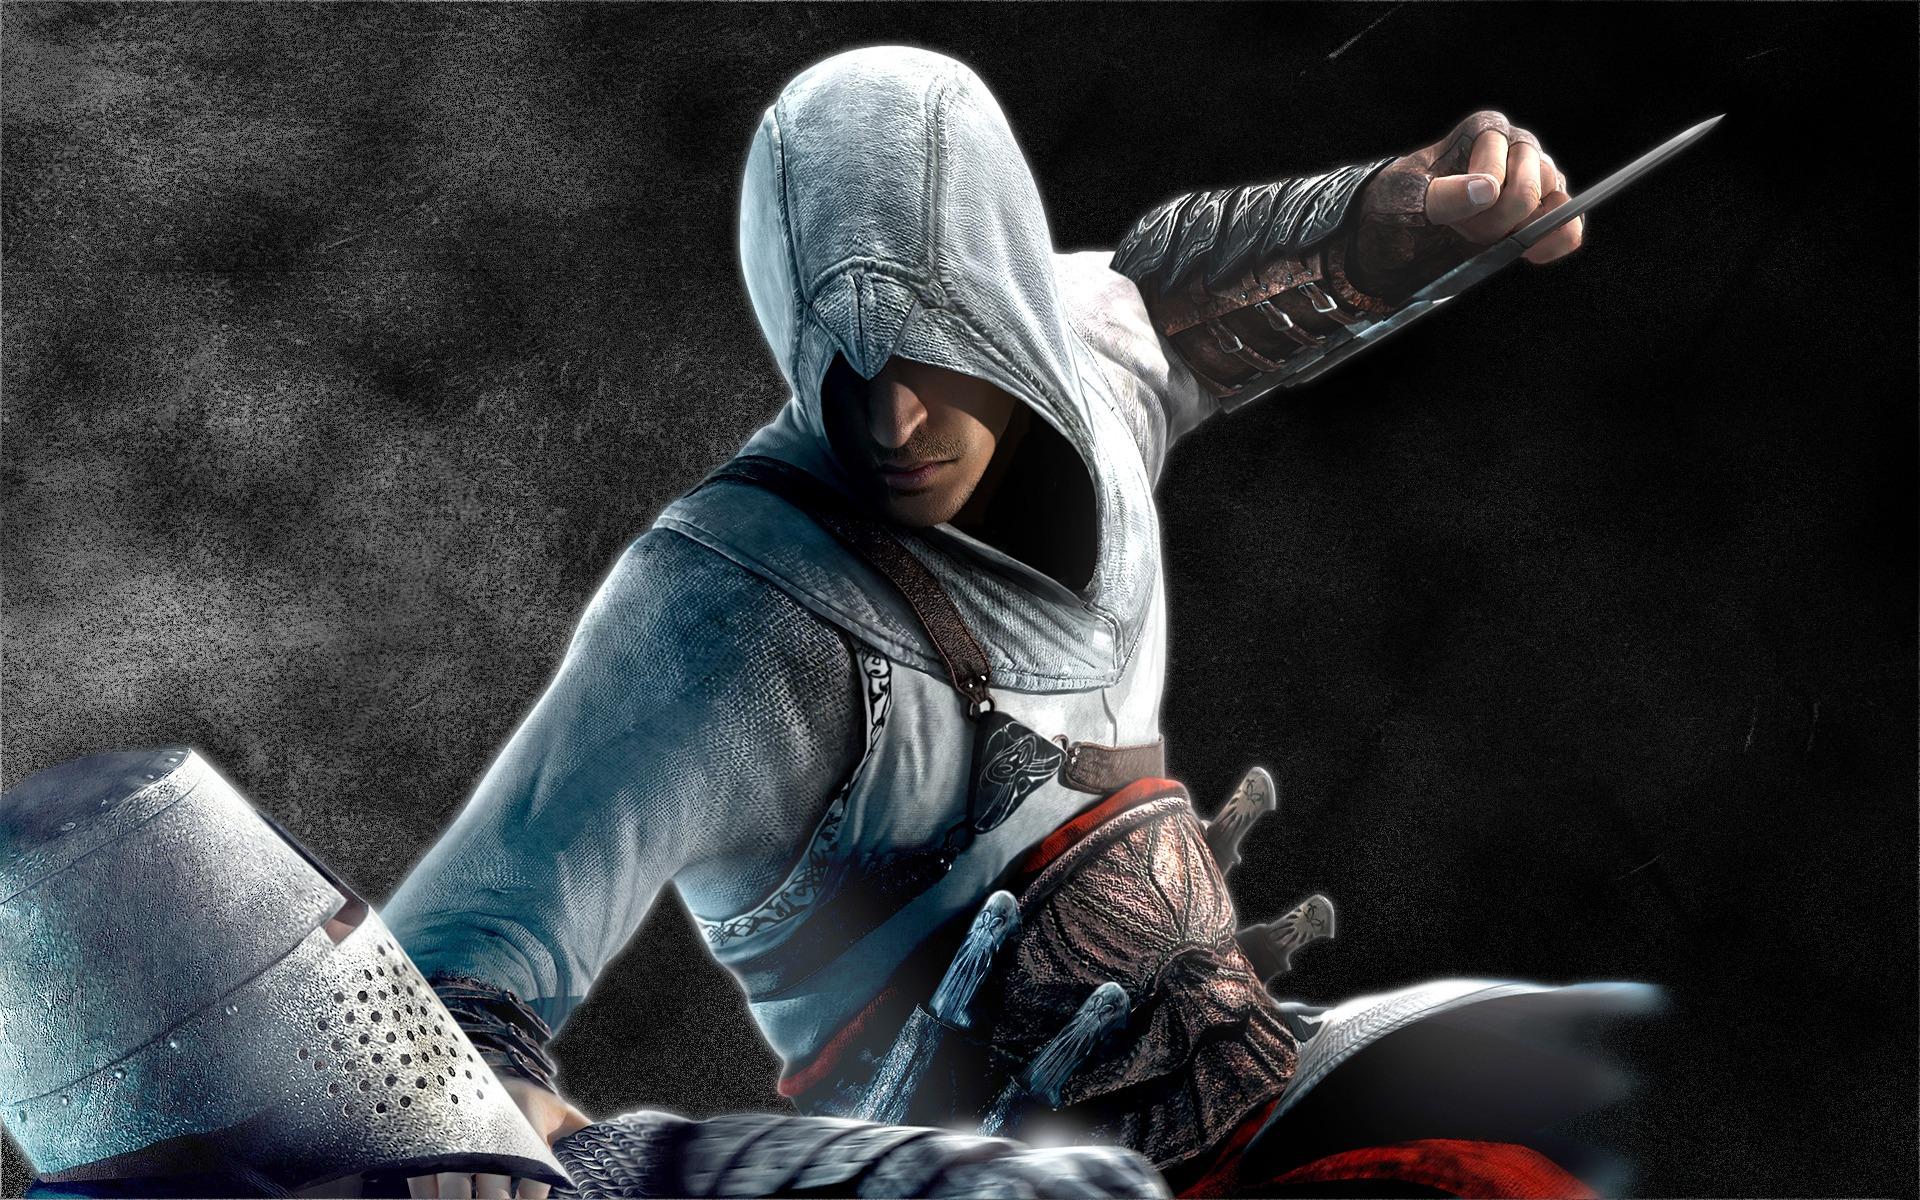 Game Wallpaper: AssasinS Creed Wallpaper Assasins Creed Games Wallpapers